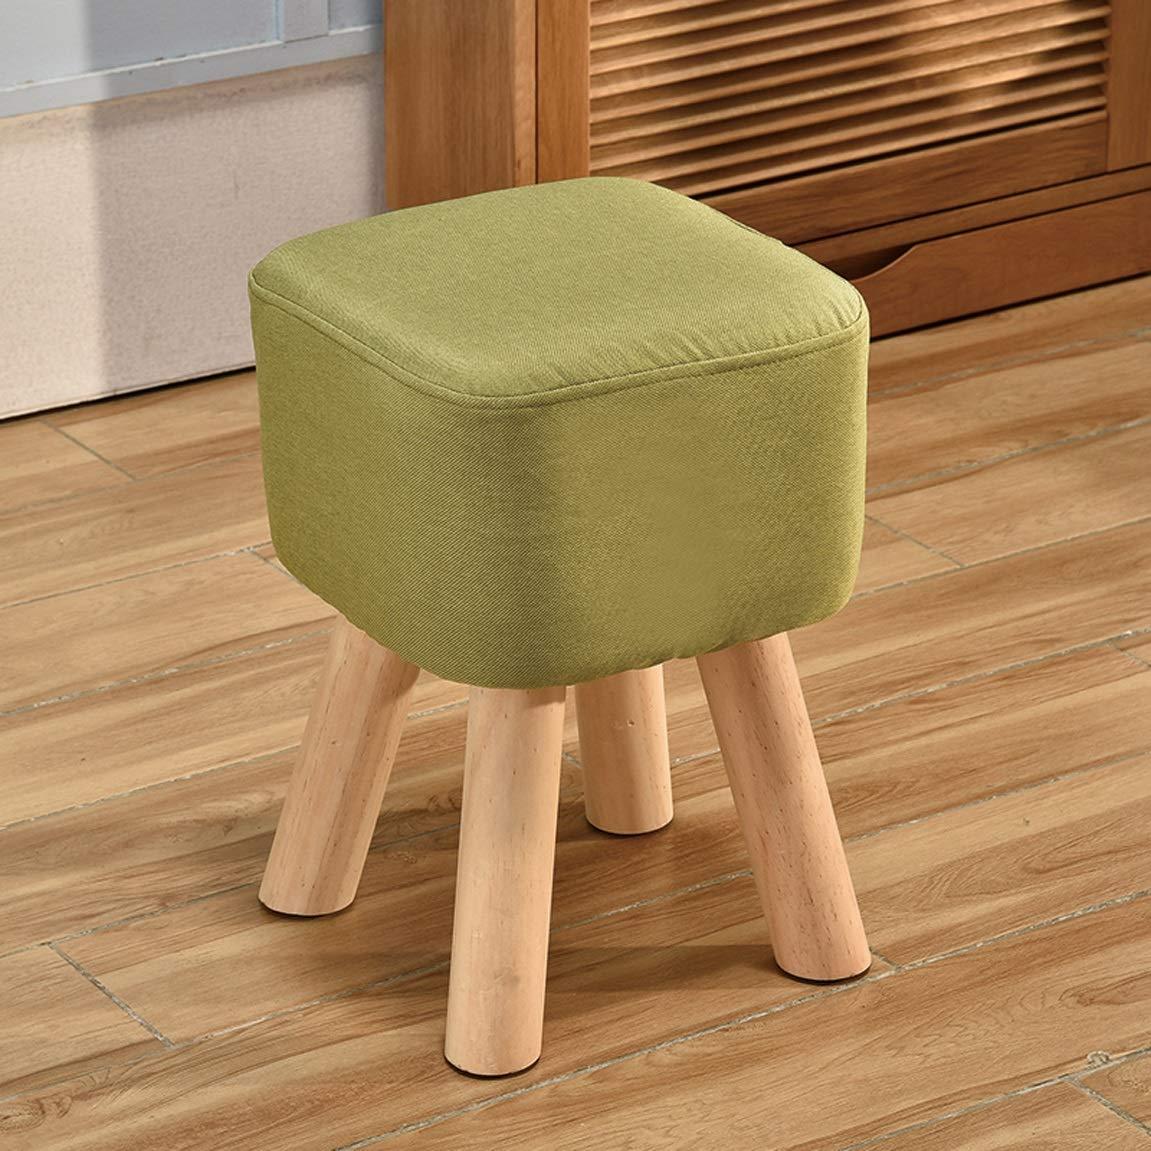 HZB Home Sgabello Piccolo Creative Living Room Shoes Sgabello Fashion Square Sgabello Sofa Sofa Sgabello Bench (Color : Green)